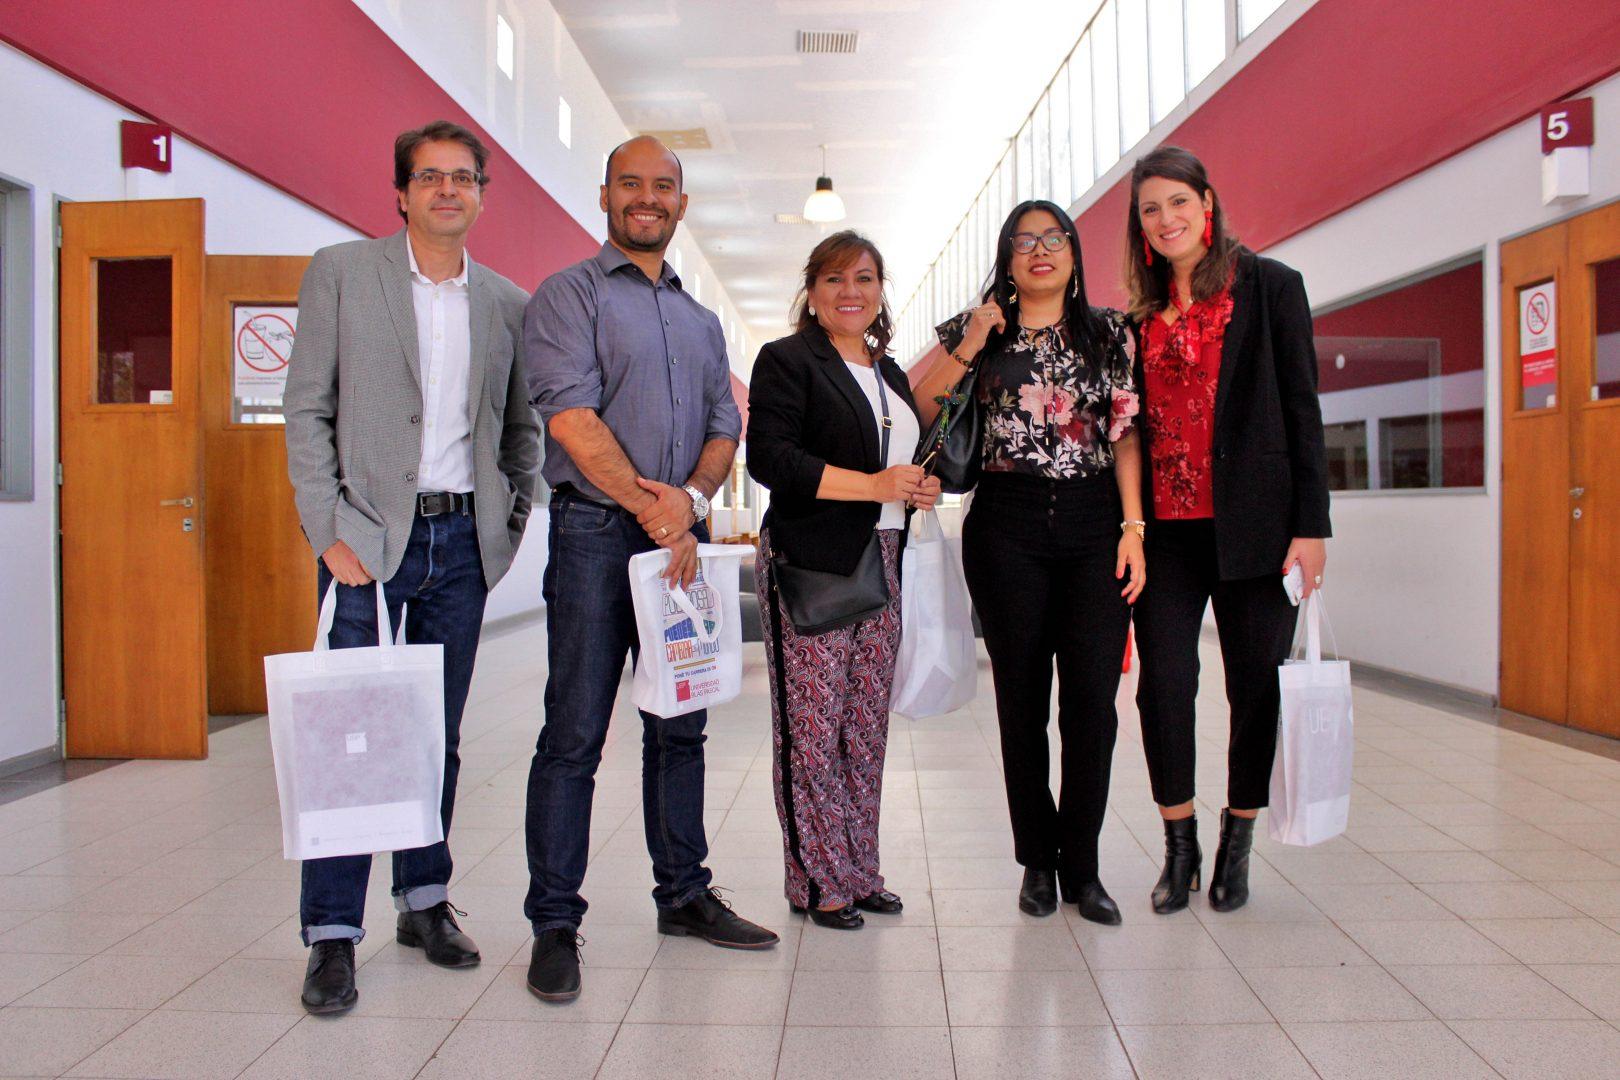 Convocatoria abierta para docentes extranjeros: Semana Internacional ONLINE en la UBP